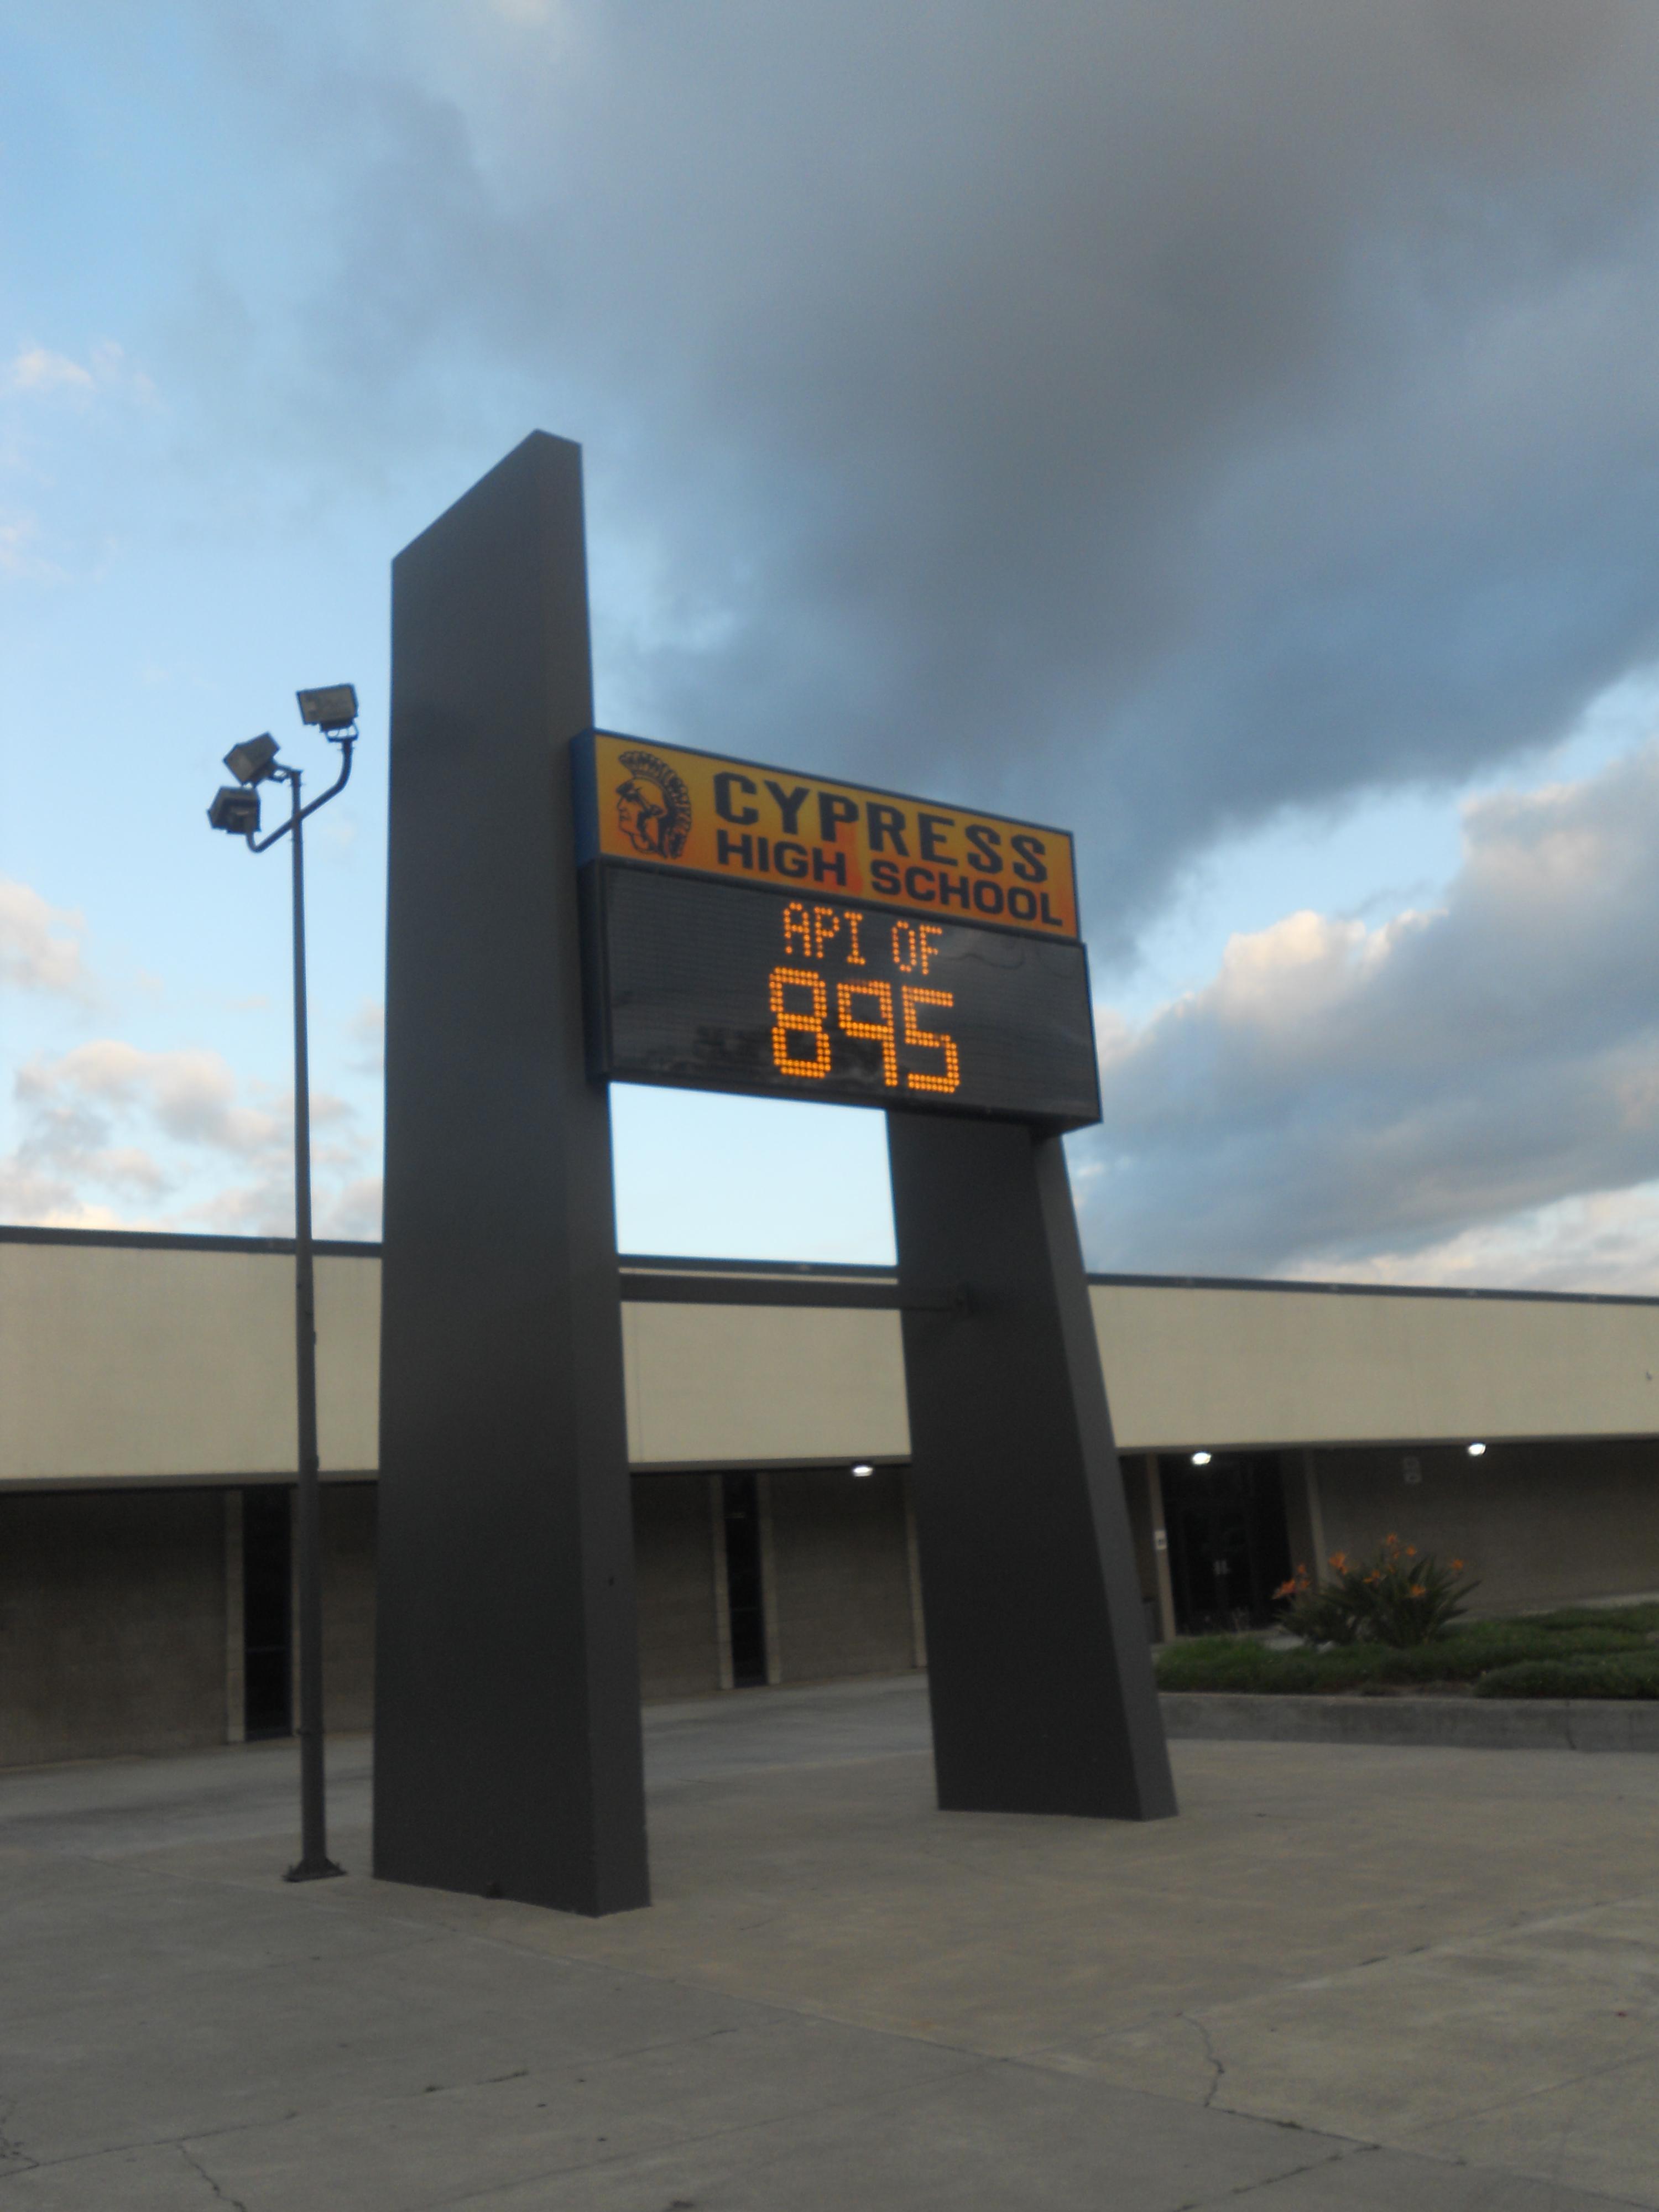 Cypress High School Mascot Cypress High School Billboard